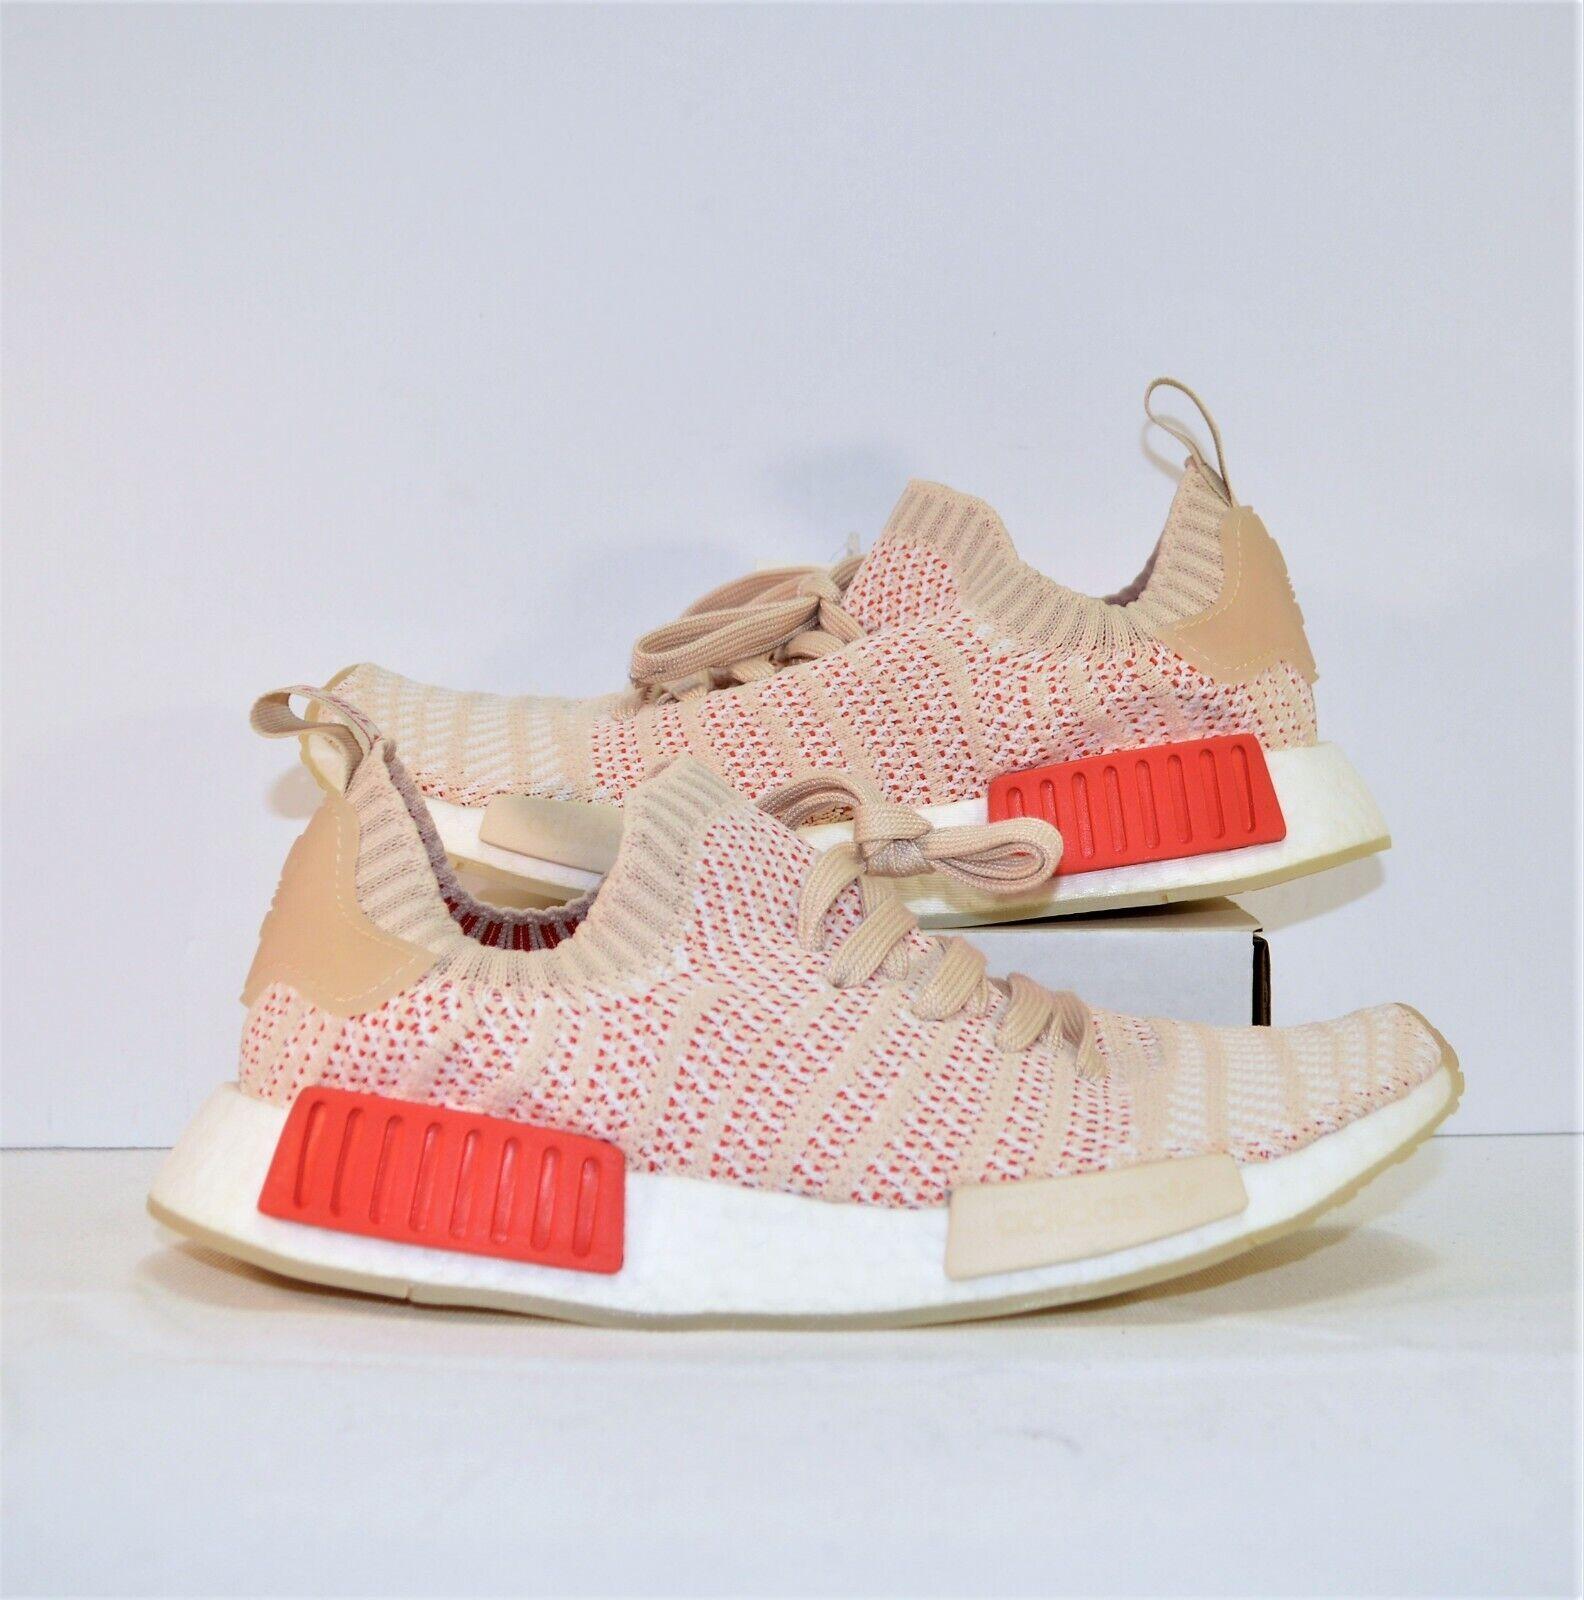 Adidas Boost NMD R1 STLT Primeknit White Womens Training shoes Sz 10 NEW CQ2030